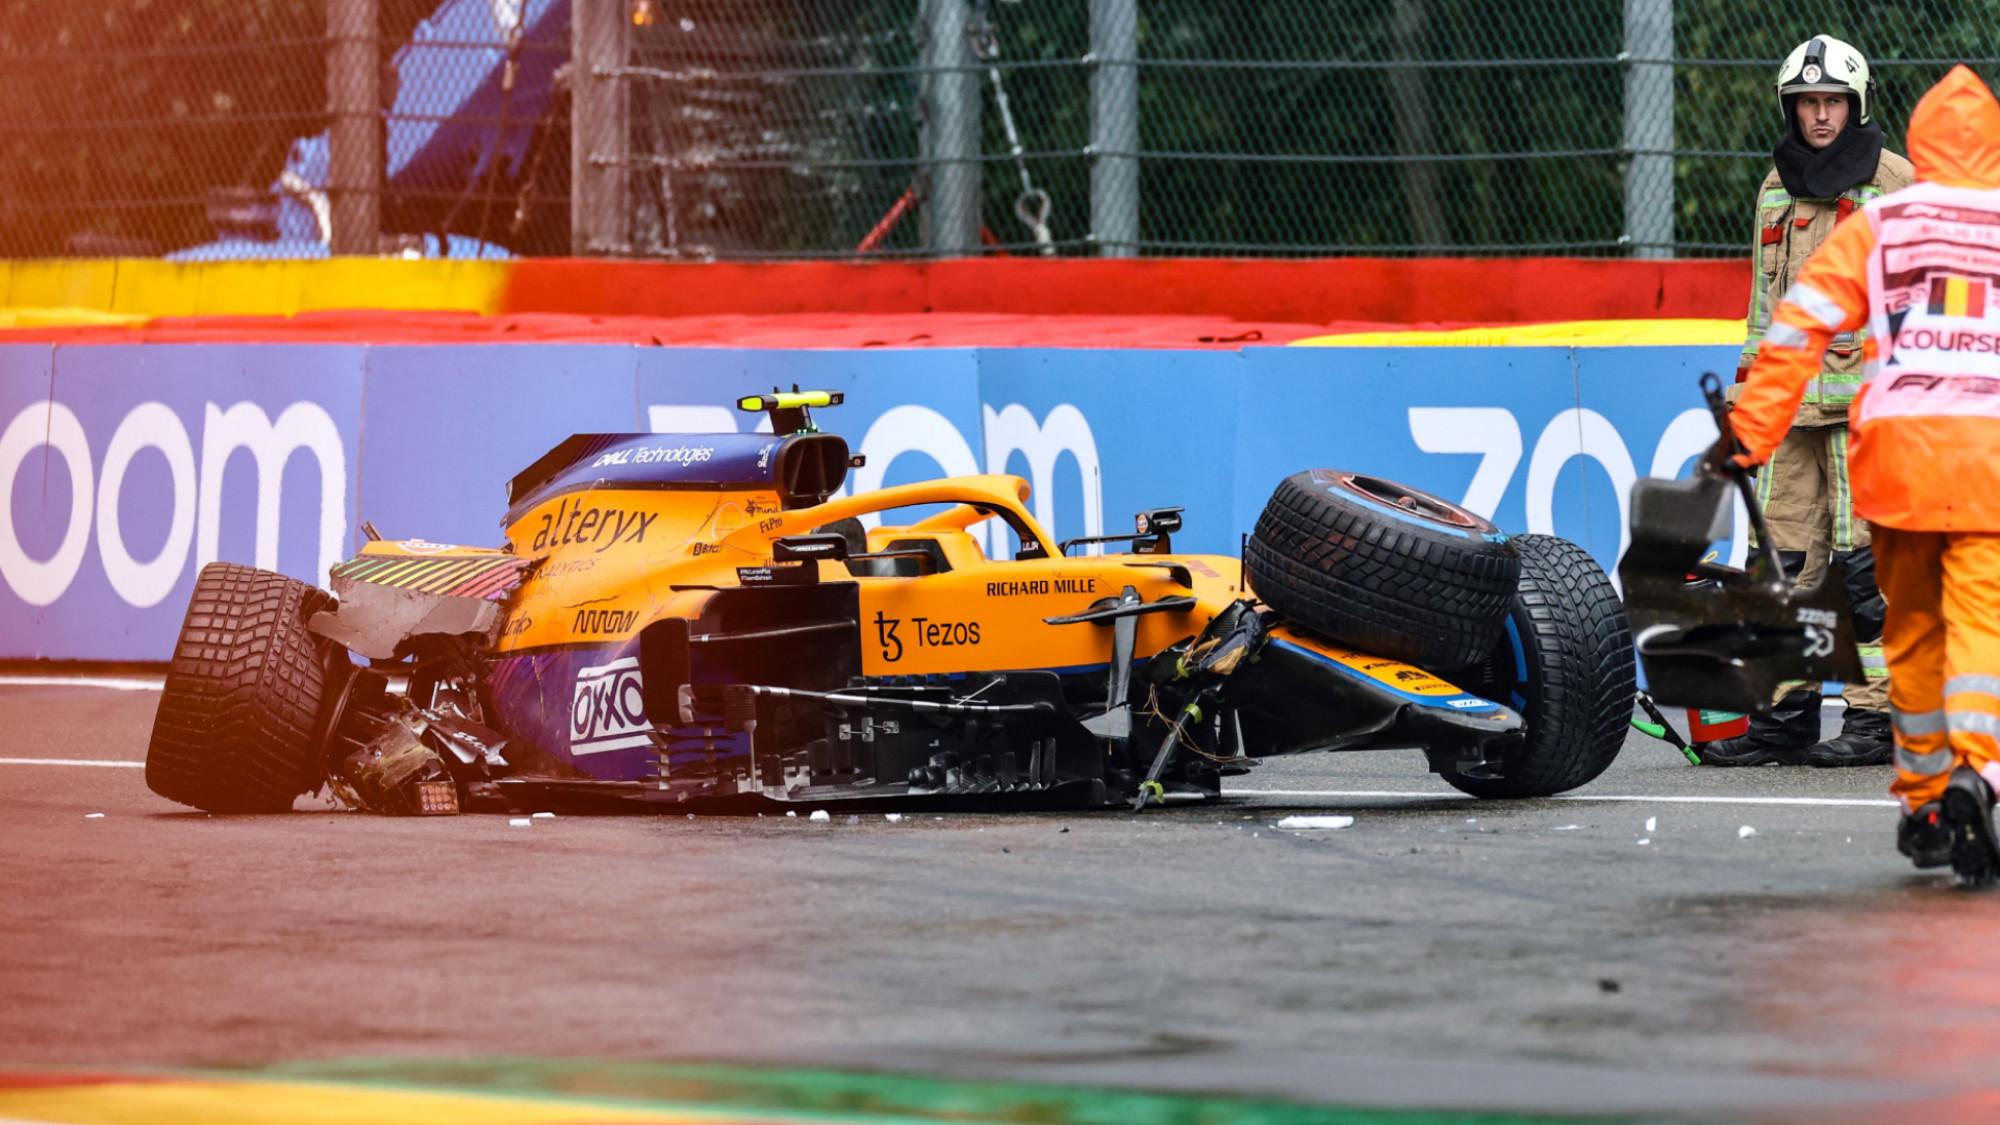 Lando Norris, 2021 Belgian GP Qualifying